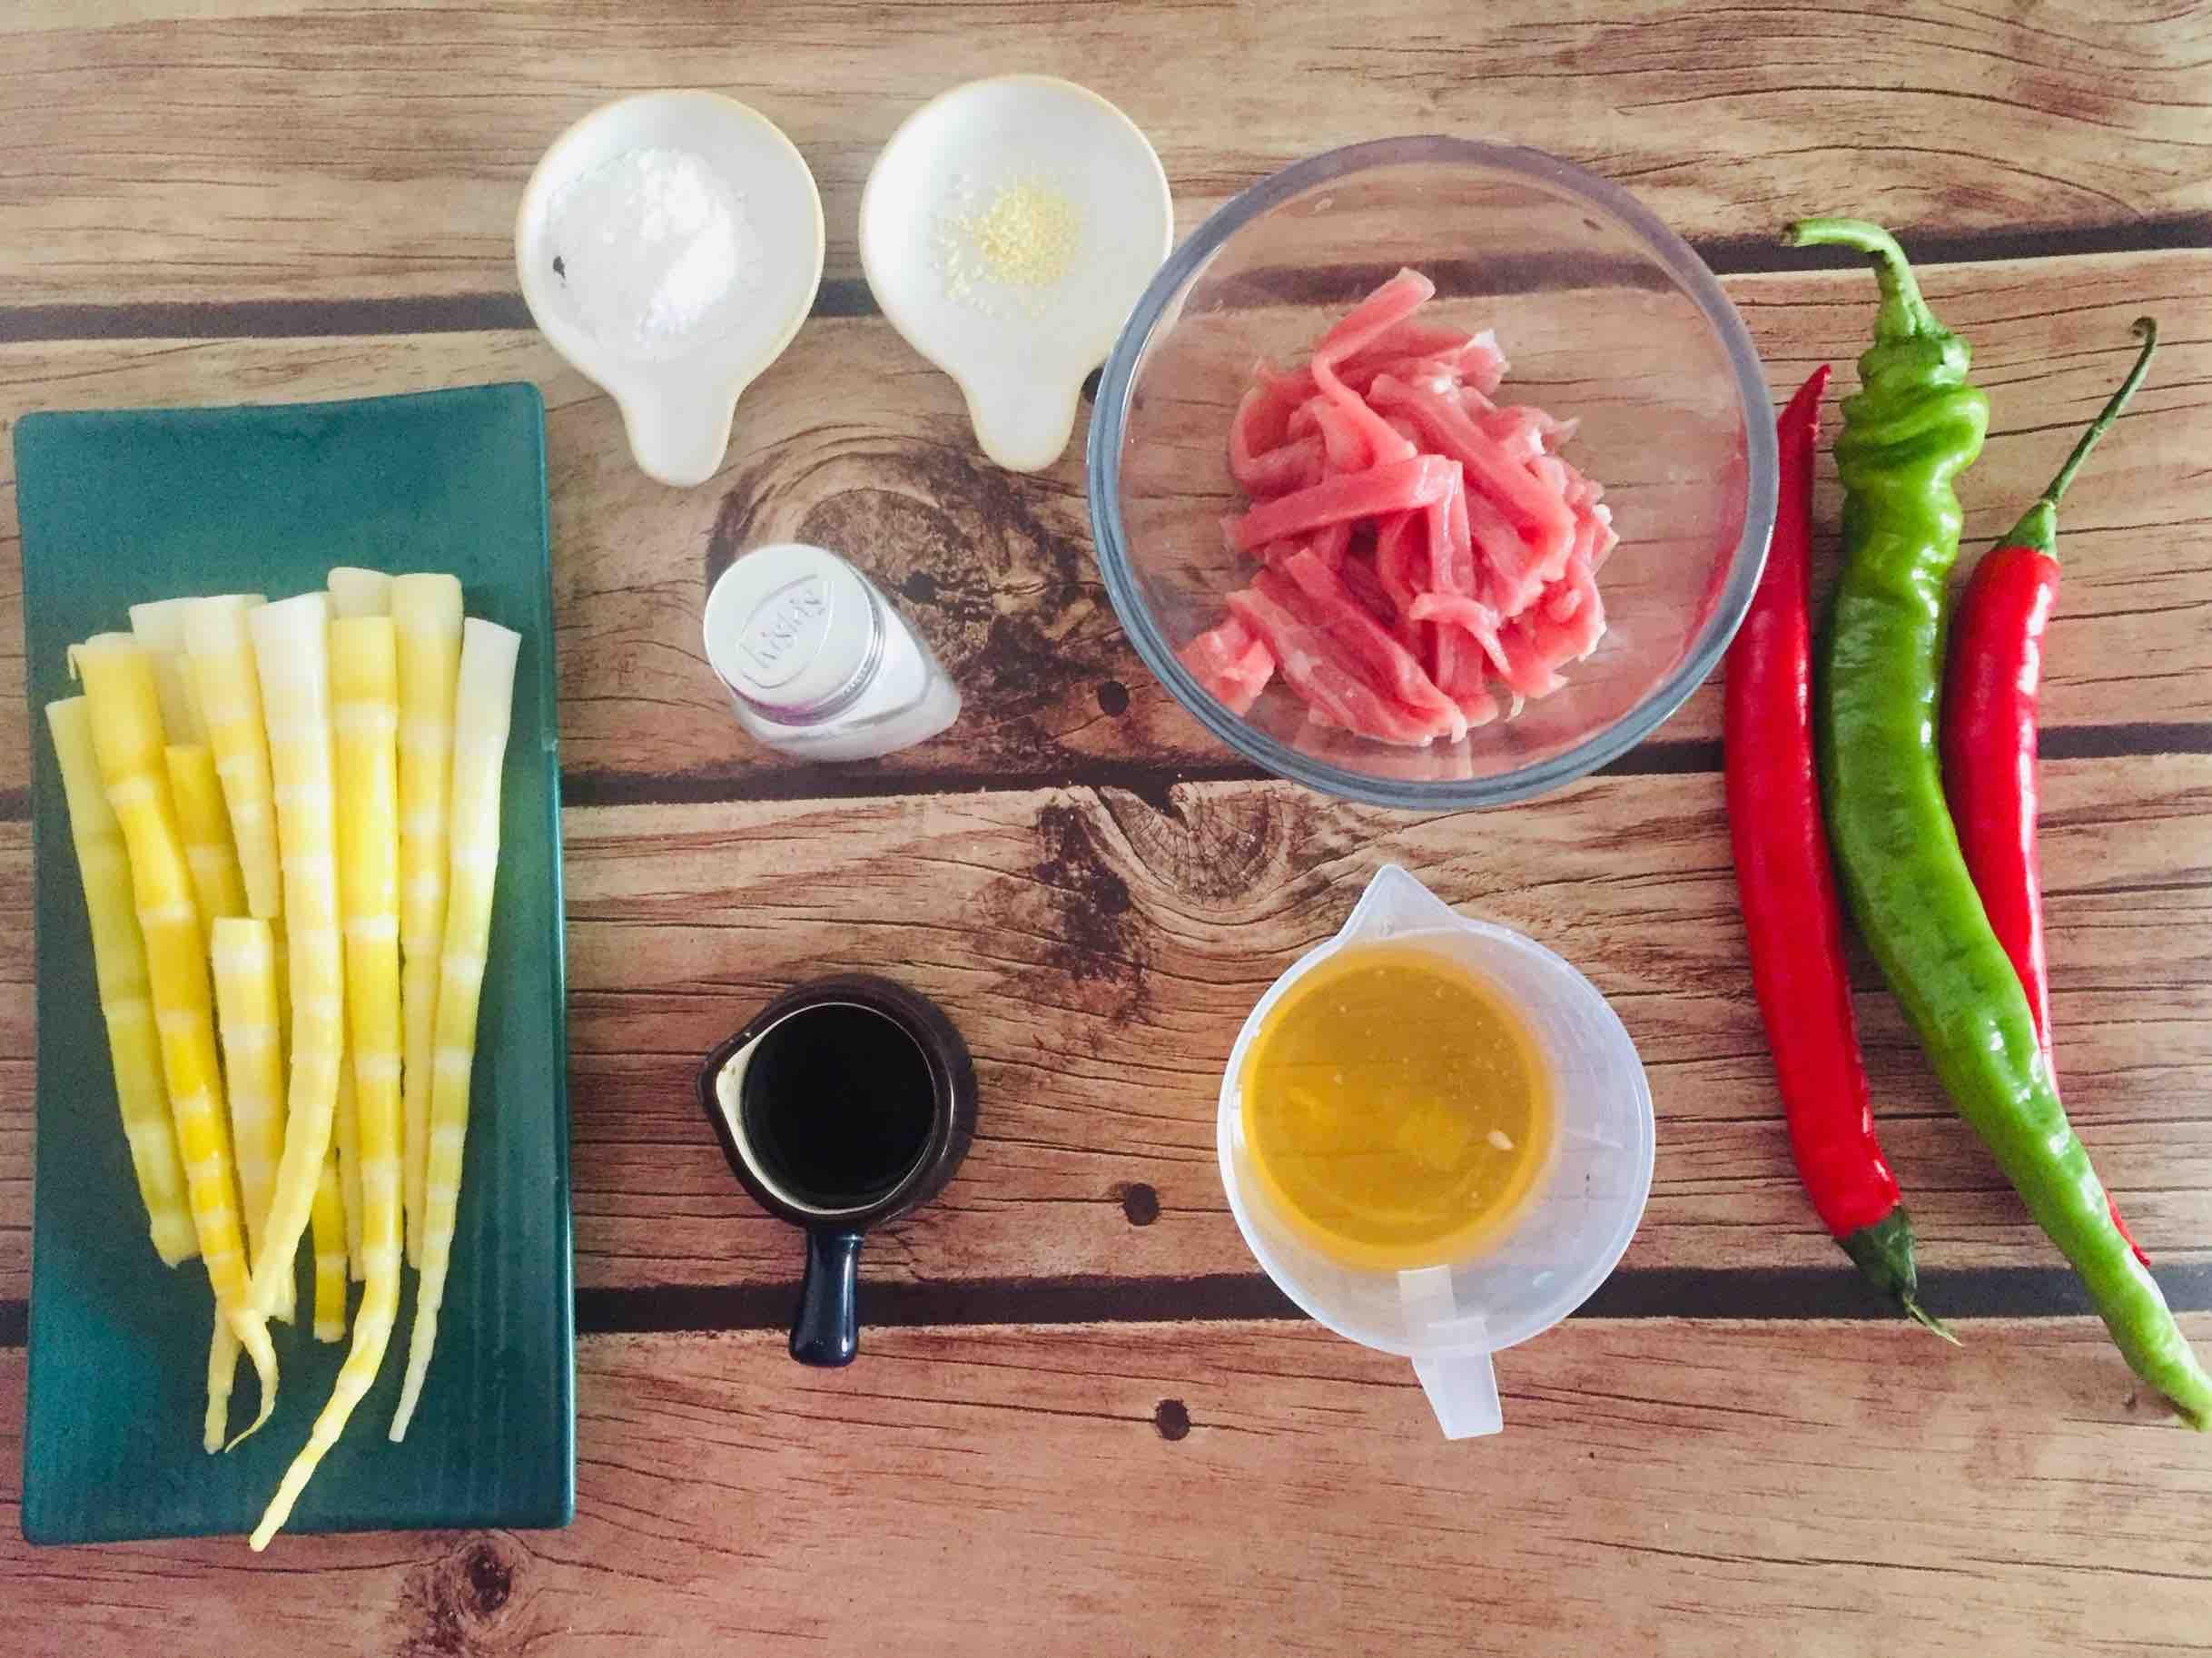 竹笋炒肉的做法大全